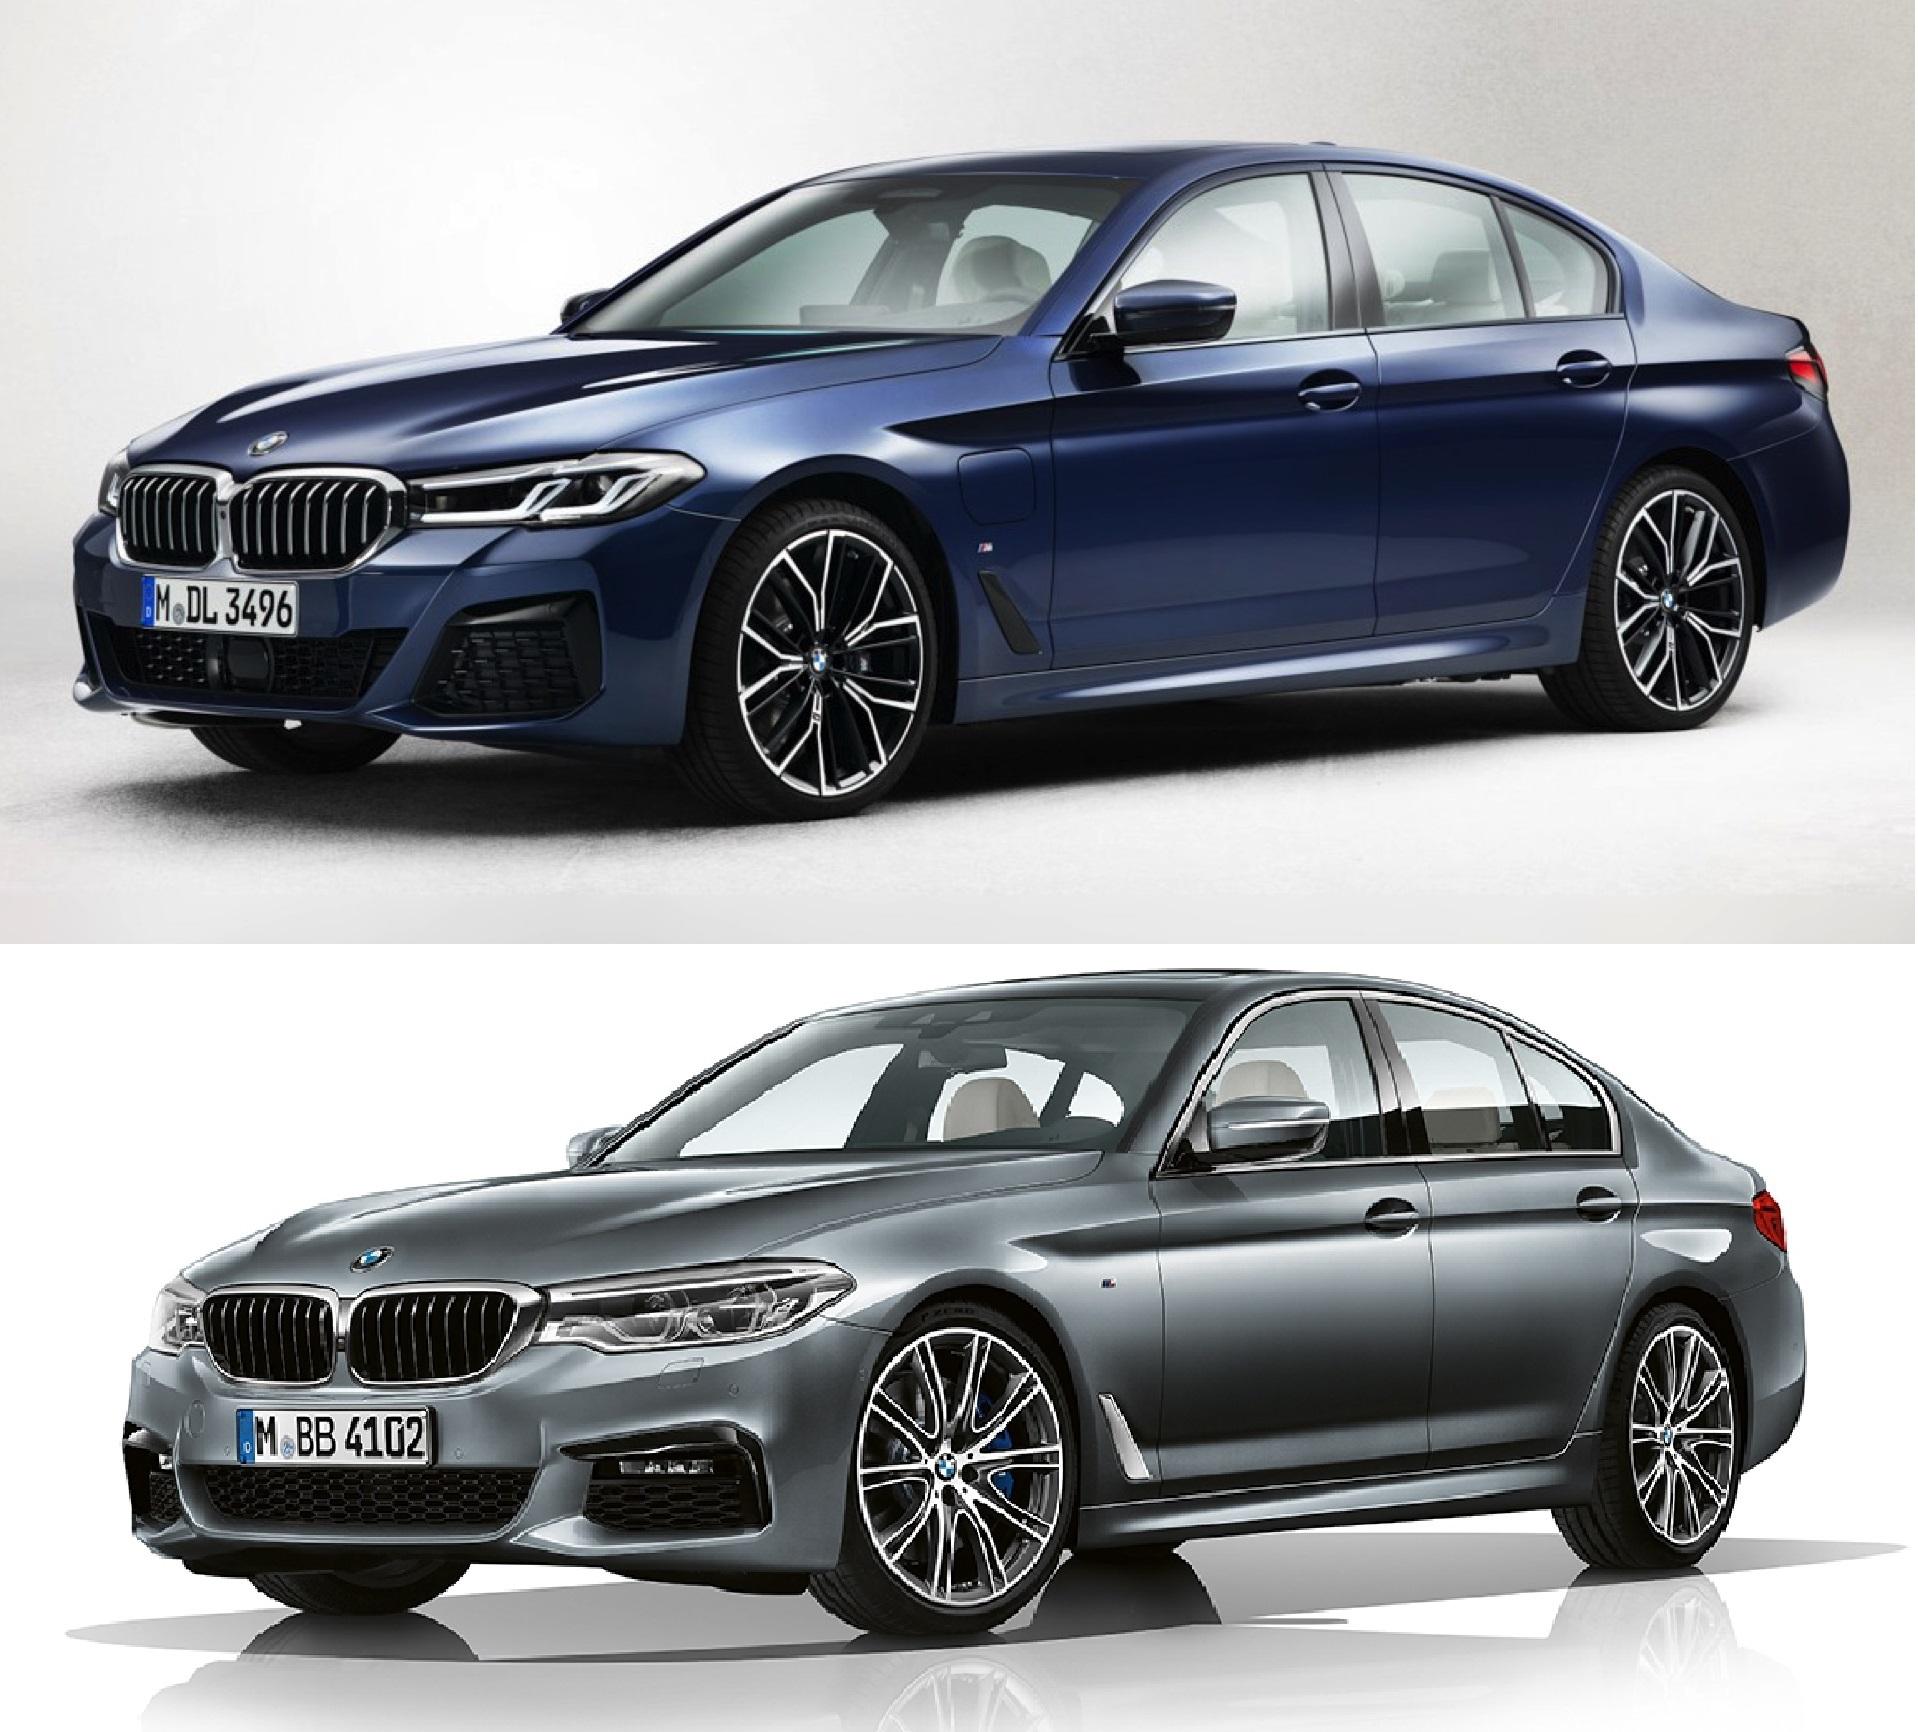 BMW5シリーズ(G30)LCI画像がリーク!?デザインはマイナーチェンジらしく小変更レベルになりそうですね^^;